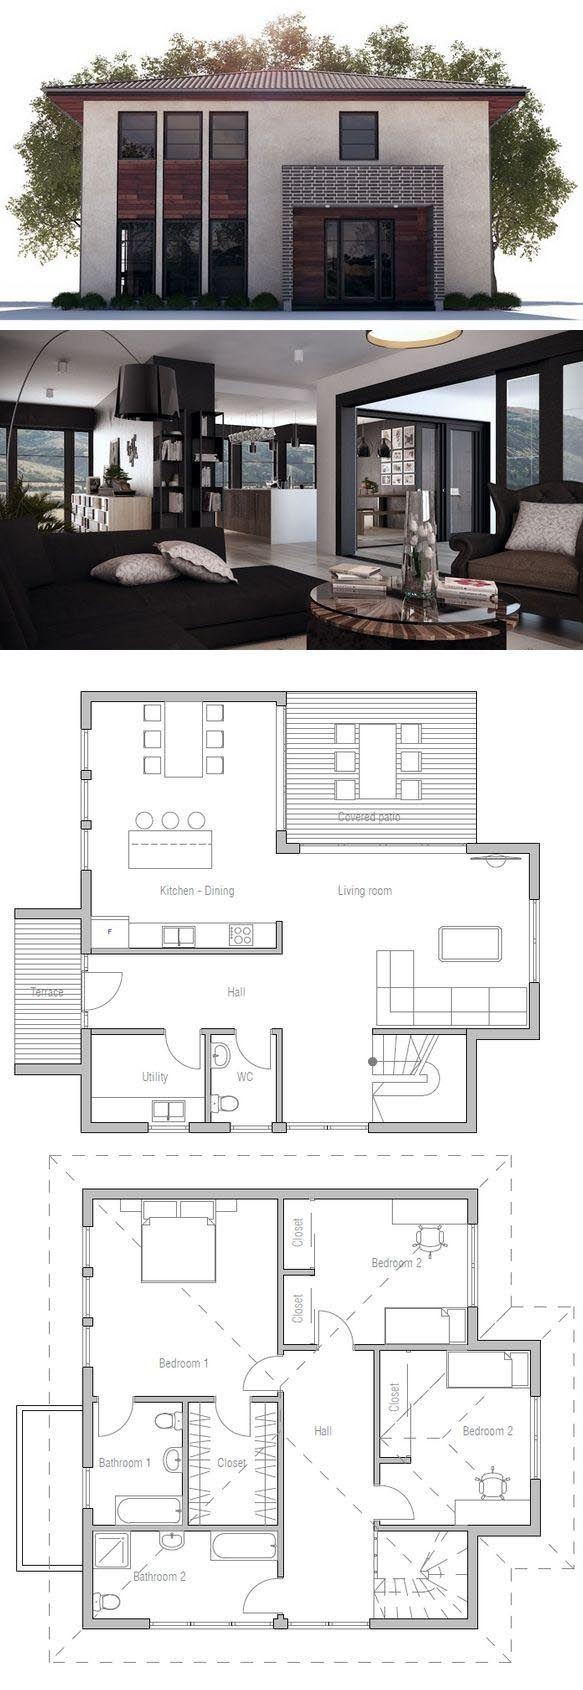 hausplan hauspl ne pinterest haus pl ne moderne h user und hausbau. Black Bedroom Furniture Sets. Home Design Ideas